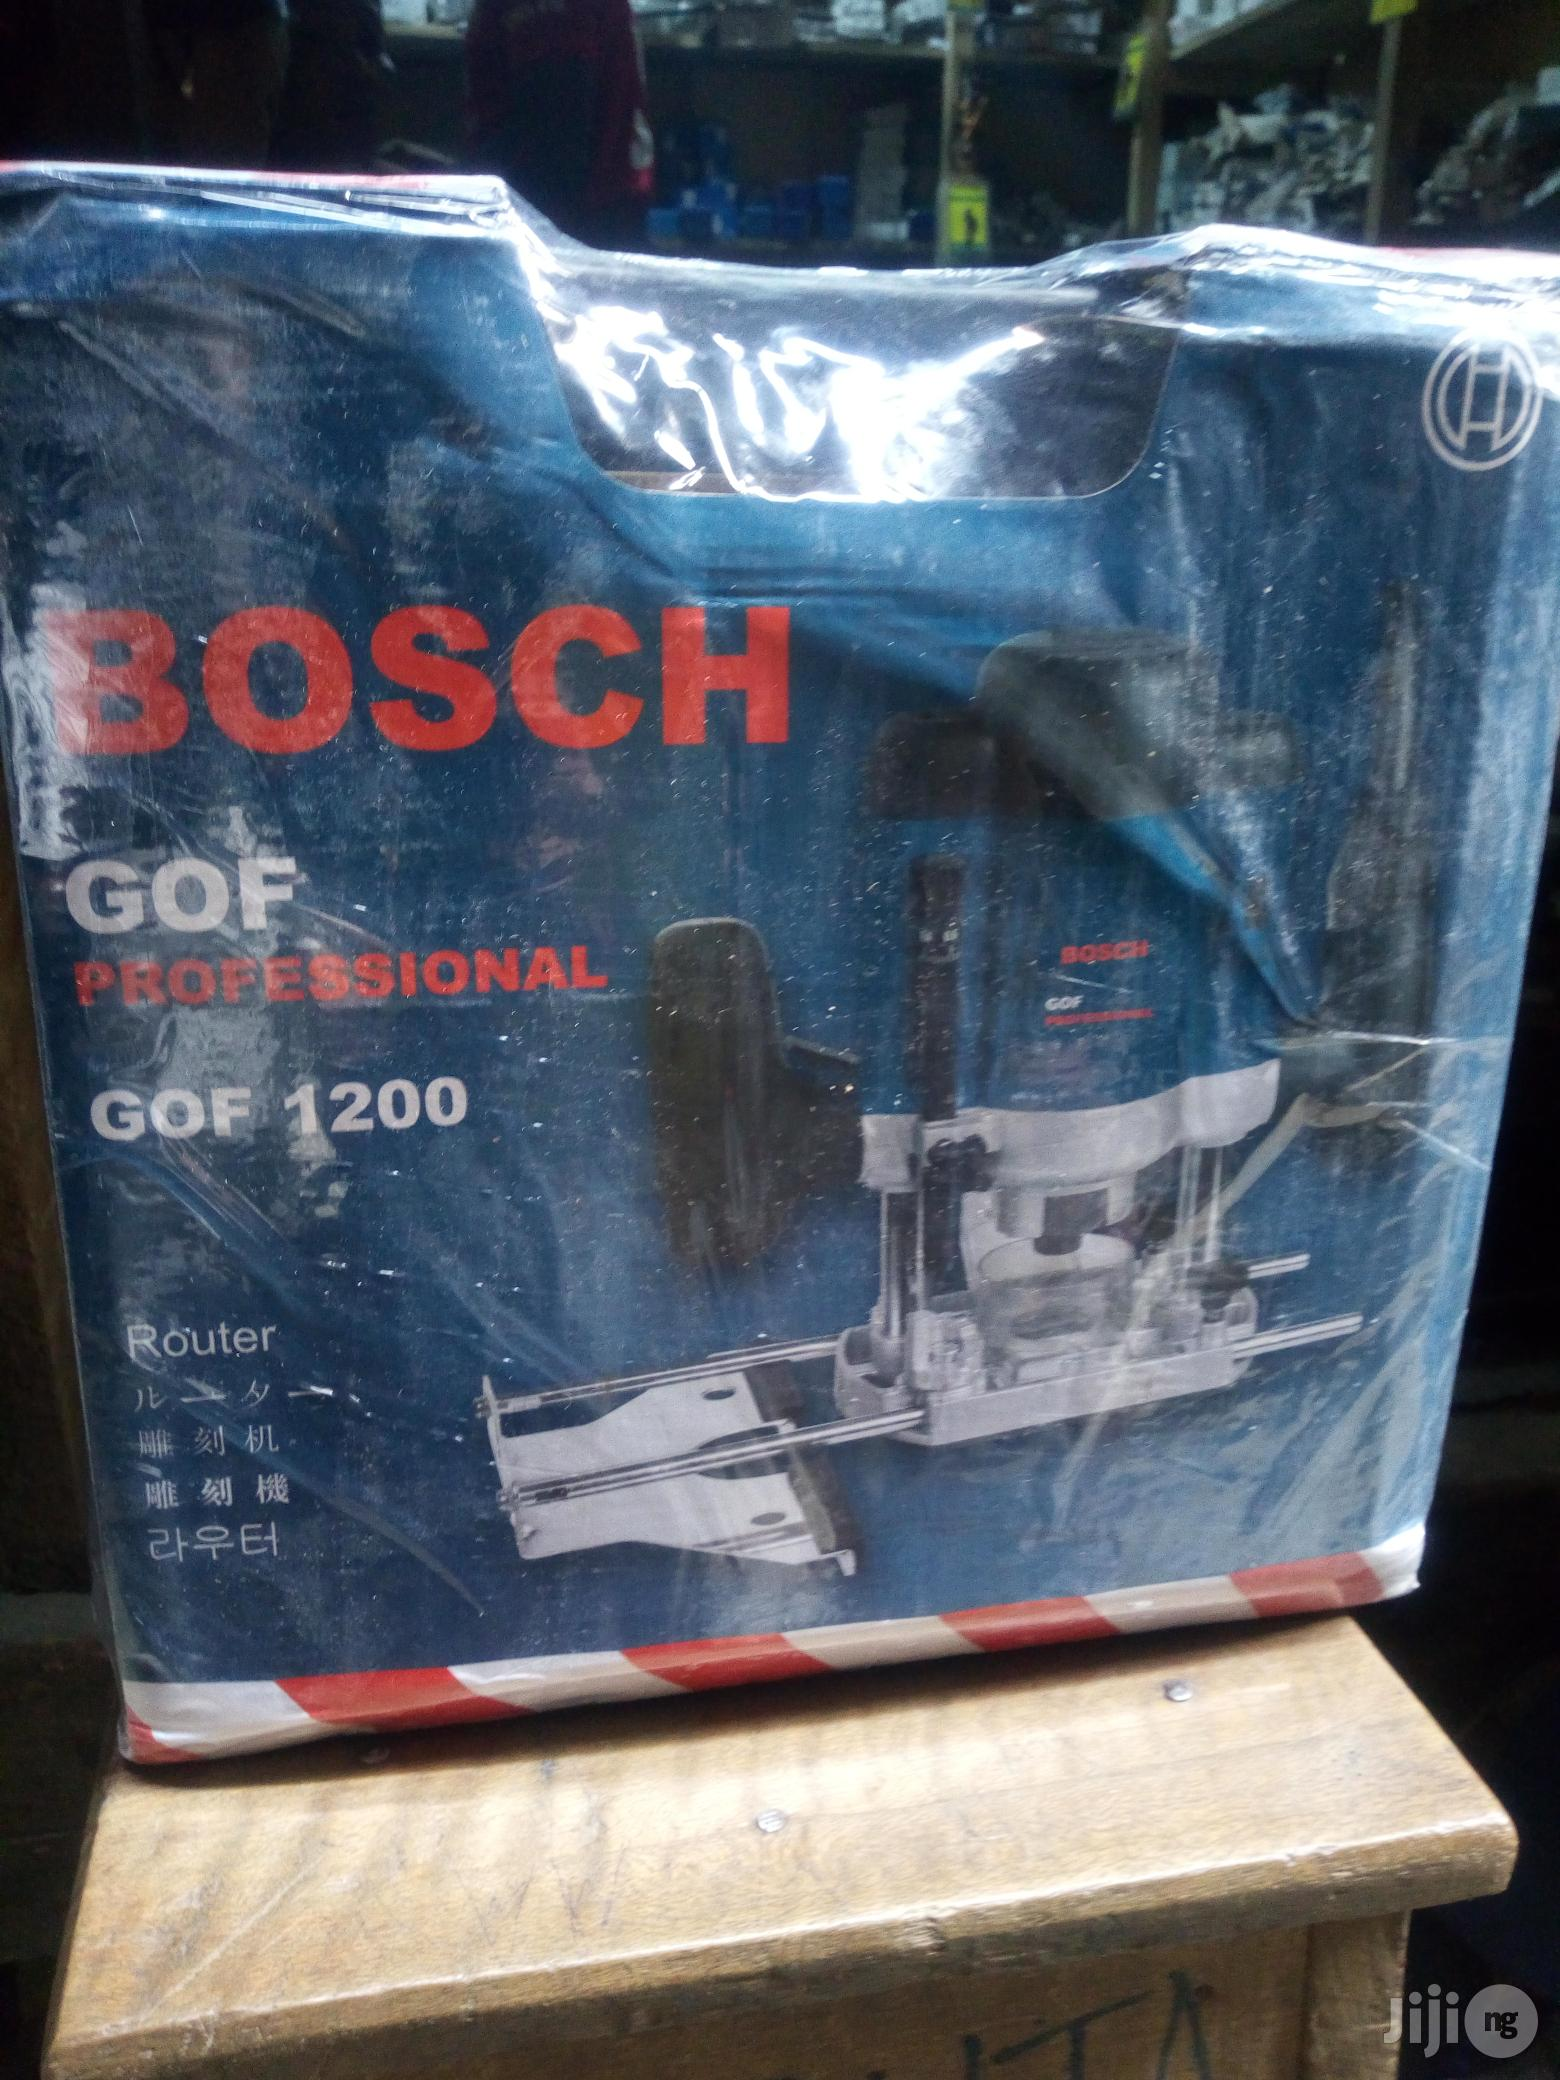 Bosch Router Machine